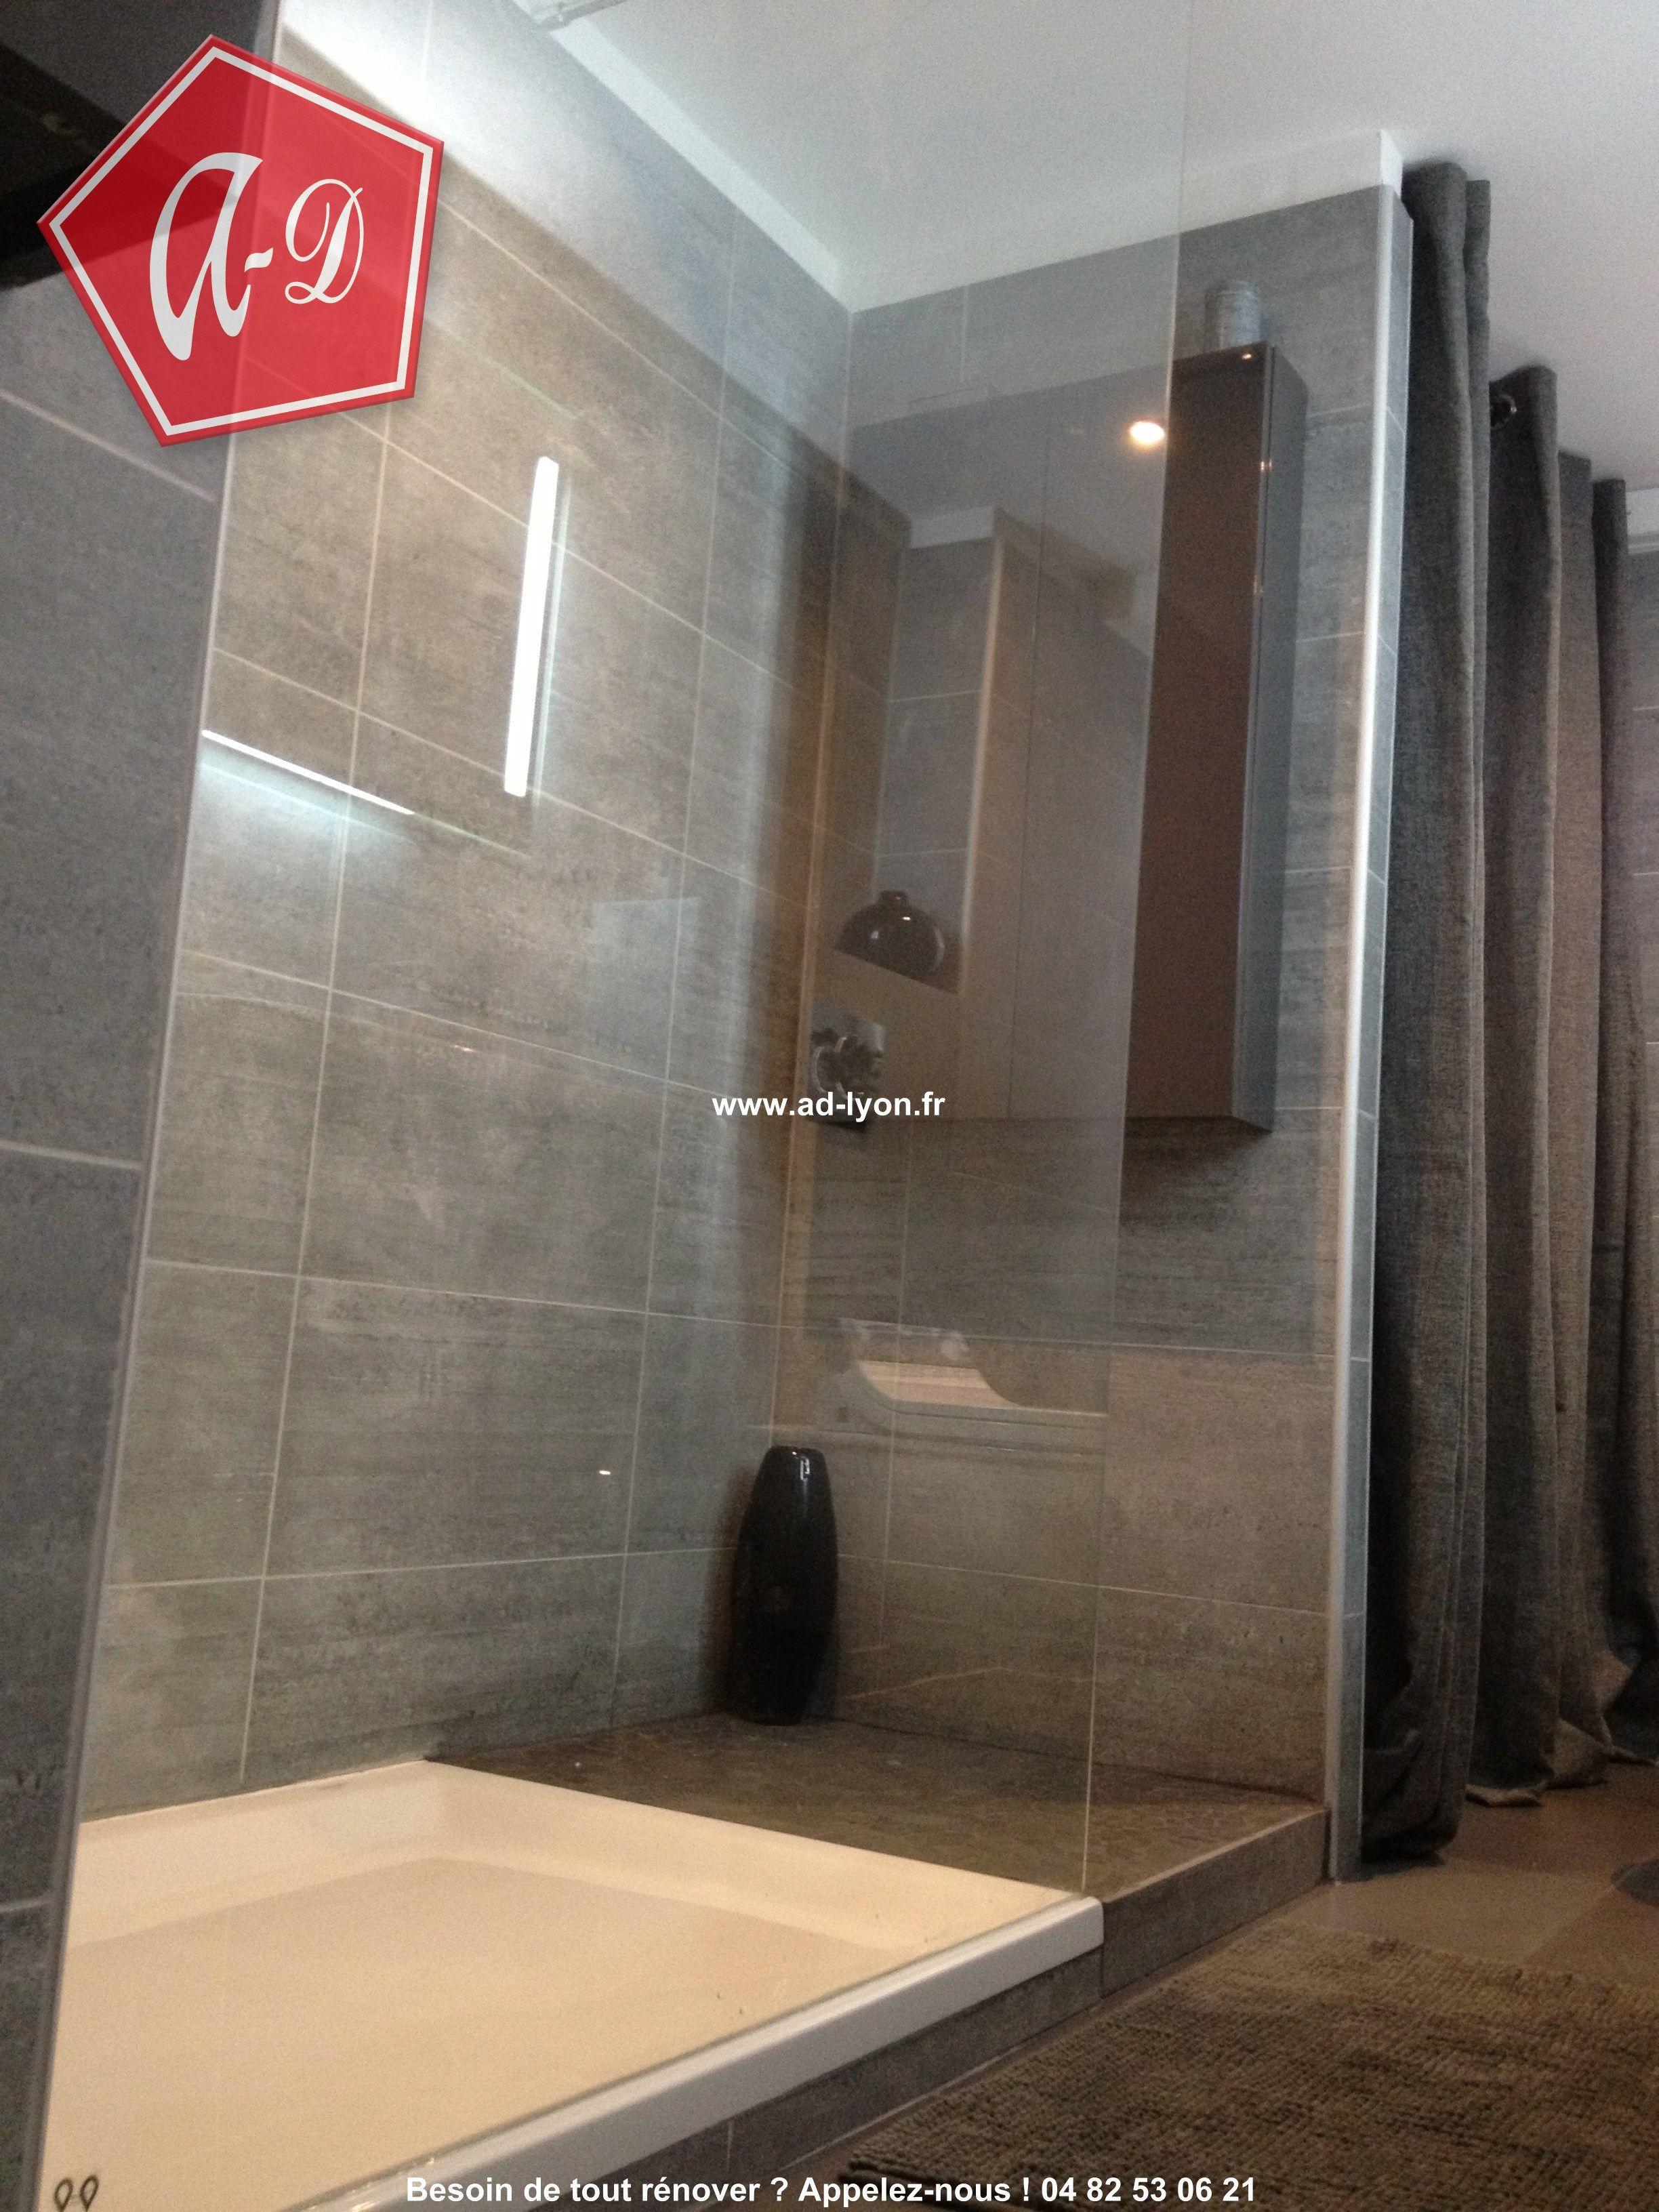 receveur de douche en 90x120 salle de bains pinterest receveur de douche douches et. Black Bedroom Furniture Sets. Home Design Ideas